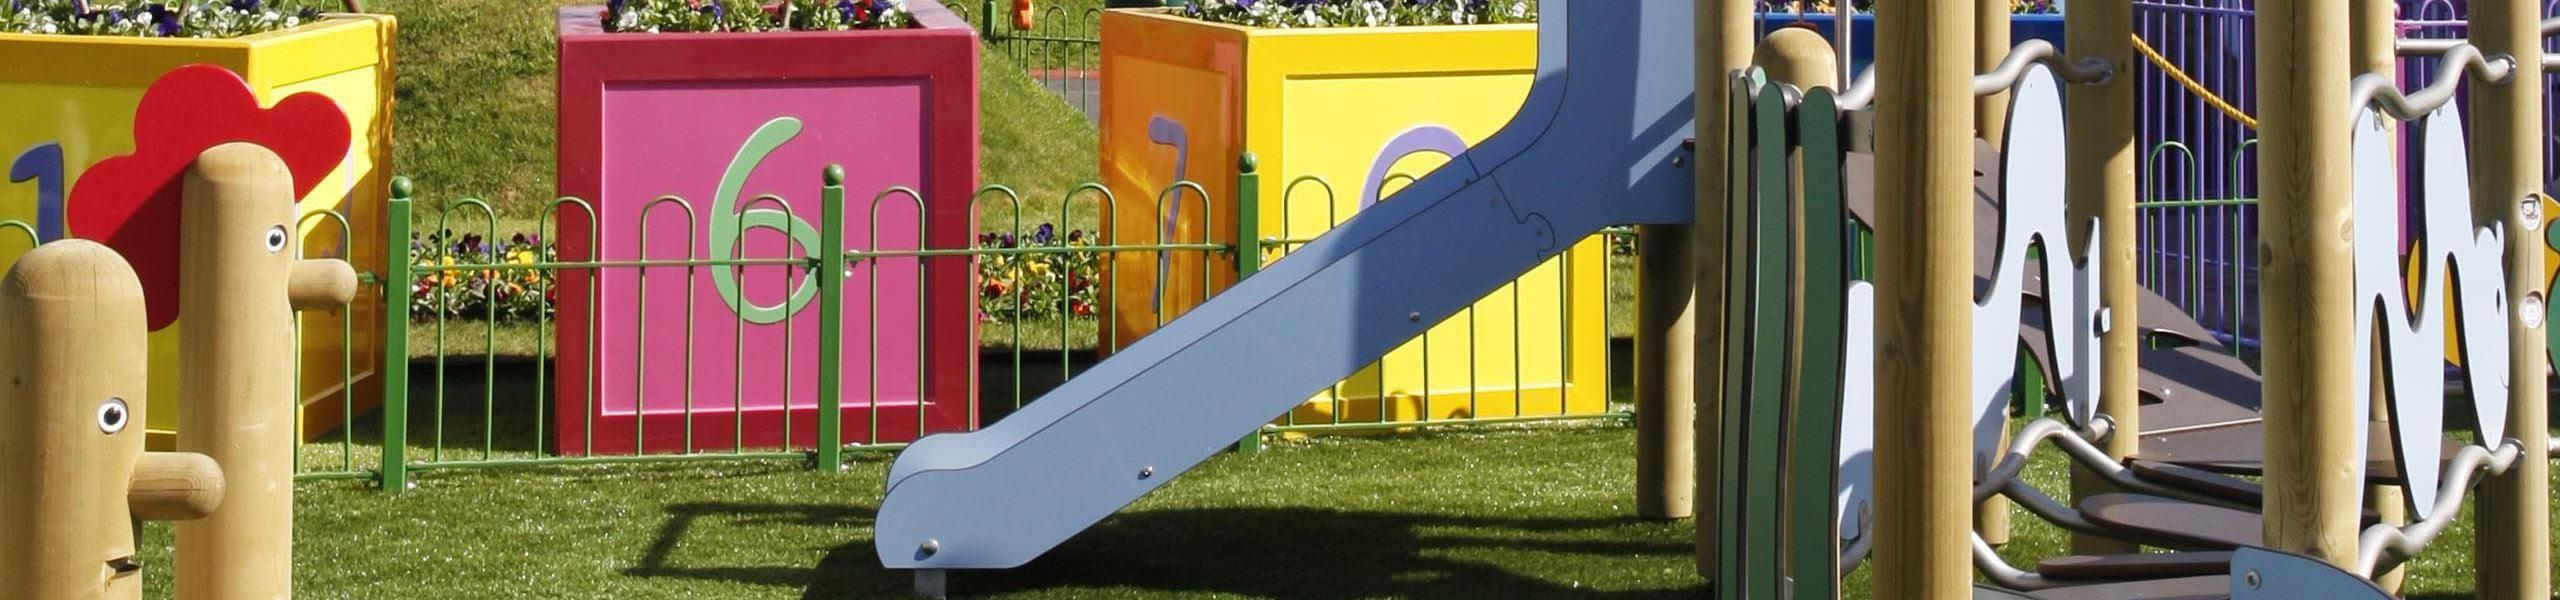 Mr Potato's Playground | Paultons Park